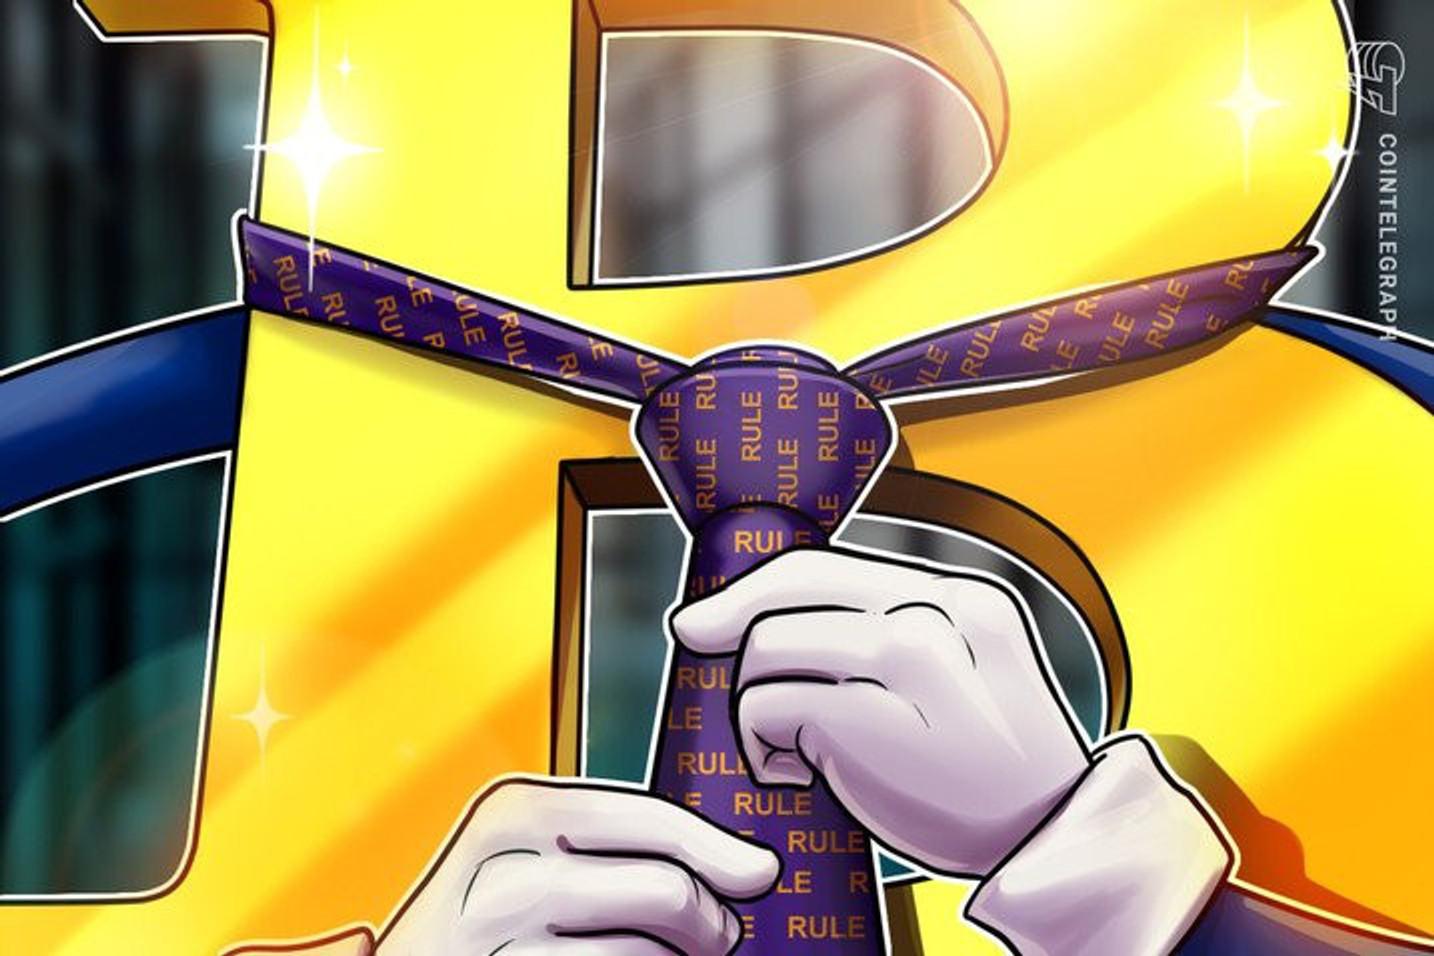 Morreu e deixou Bitcoin? Herdeiros devem pagar imposto sobre a herança digital, pede Deputado brasileiro